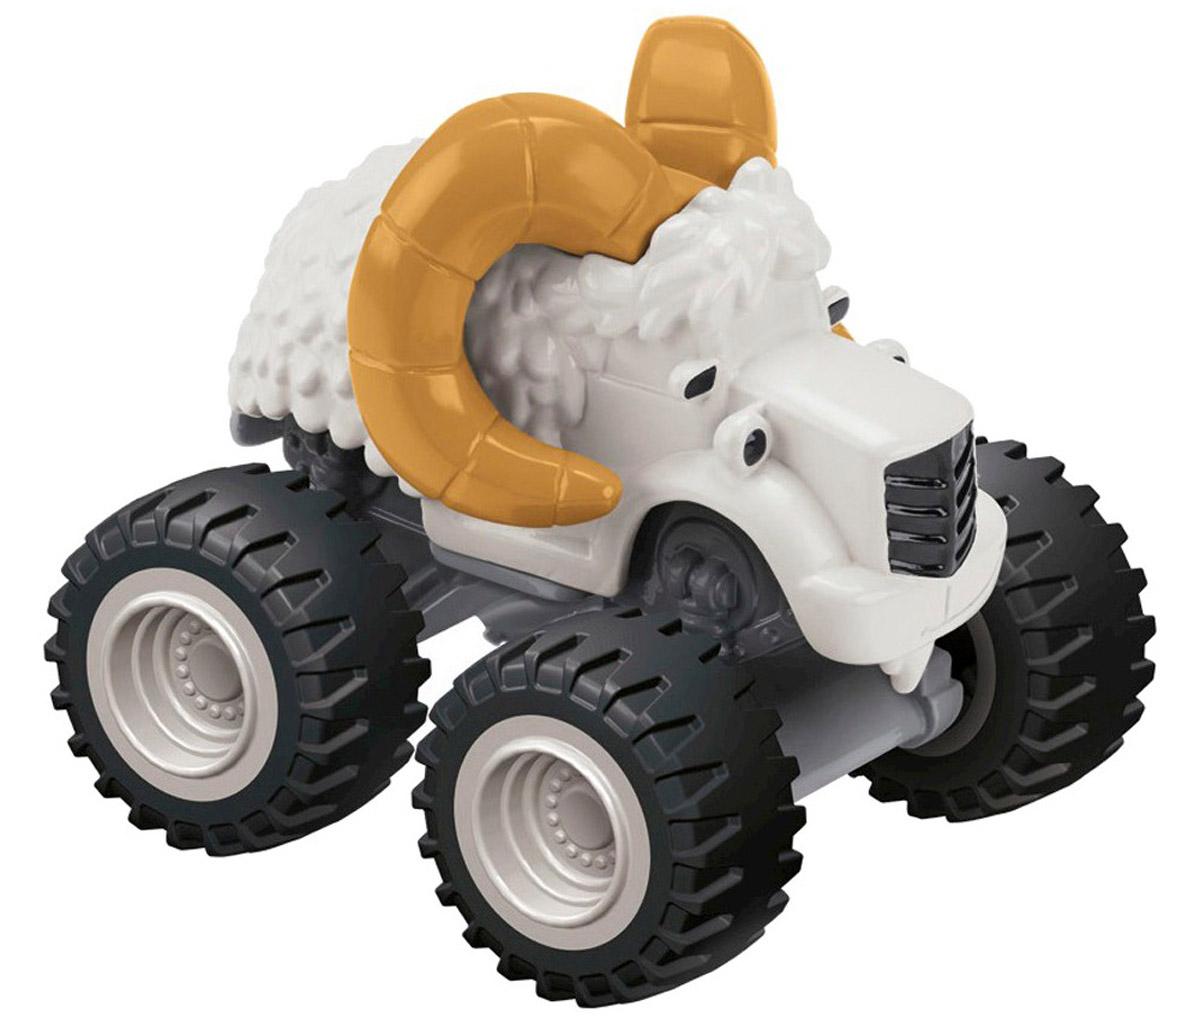 Blaze Машинка БольшерогCGF20_CKK64Машинка Blaze Большерог выполнена из металла и пластика в виде героя популярного мультсериала Вспыш и чудо-машинки. У этого мультяшного монстр-трака широкие колеса и широкая душа. Машинка свободно катается по любым поверхностям и легко повторяет трюки из мультфильма. Вспыш и чудо-машинки - история про Эй-Джея, восьмилетнего любителя техники, который водит пикап по имени Блейз (Вспыш), побеждающий на всех гонках в Аксель-Сити. Они вместе отправляются в приключения, требующие знания физики и математики. Их ждет множество трудностей от главного соперника Блейза (Вспыша) - Крашера (Крушила), грузовика, который готов пойти на всё, чтобы быть на финише первым.